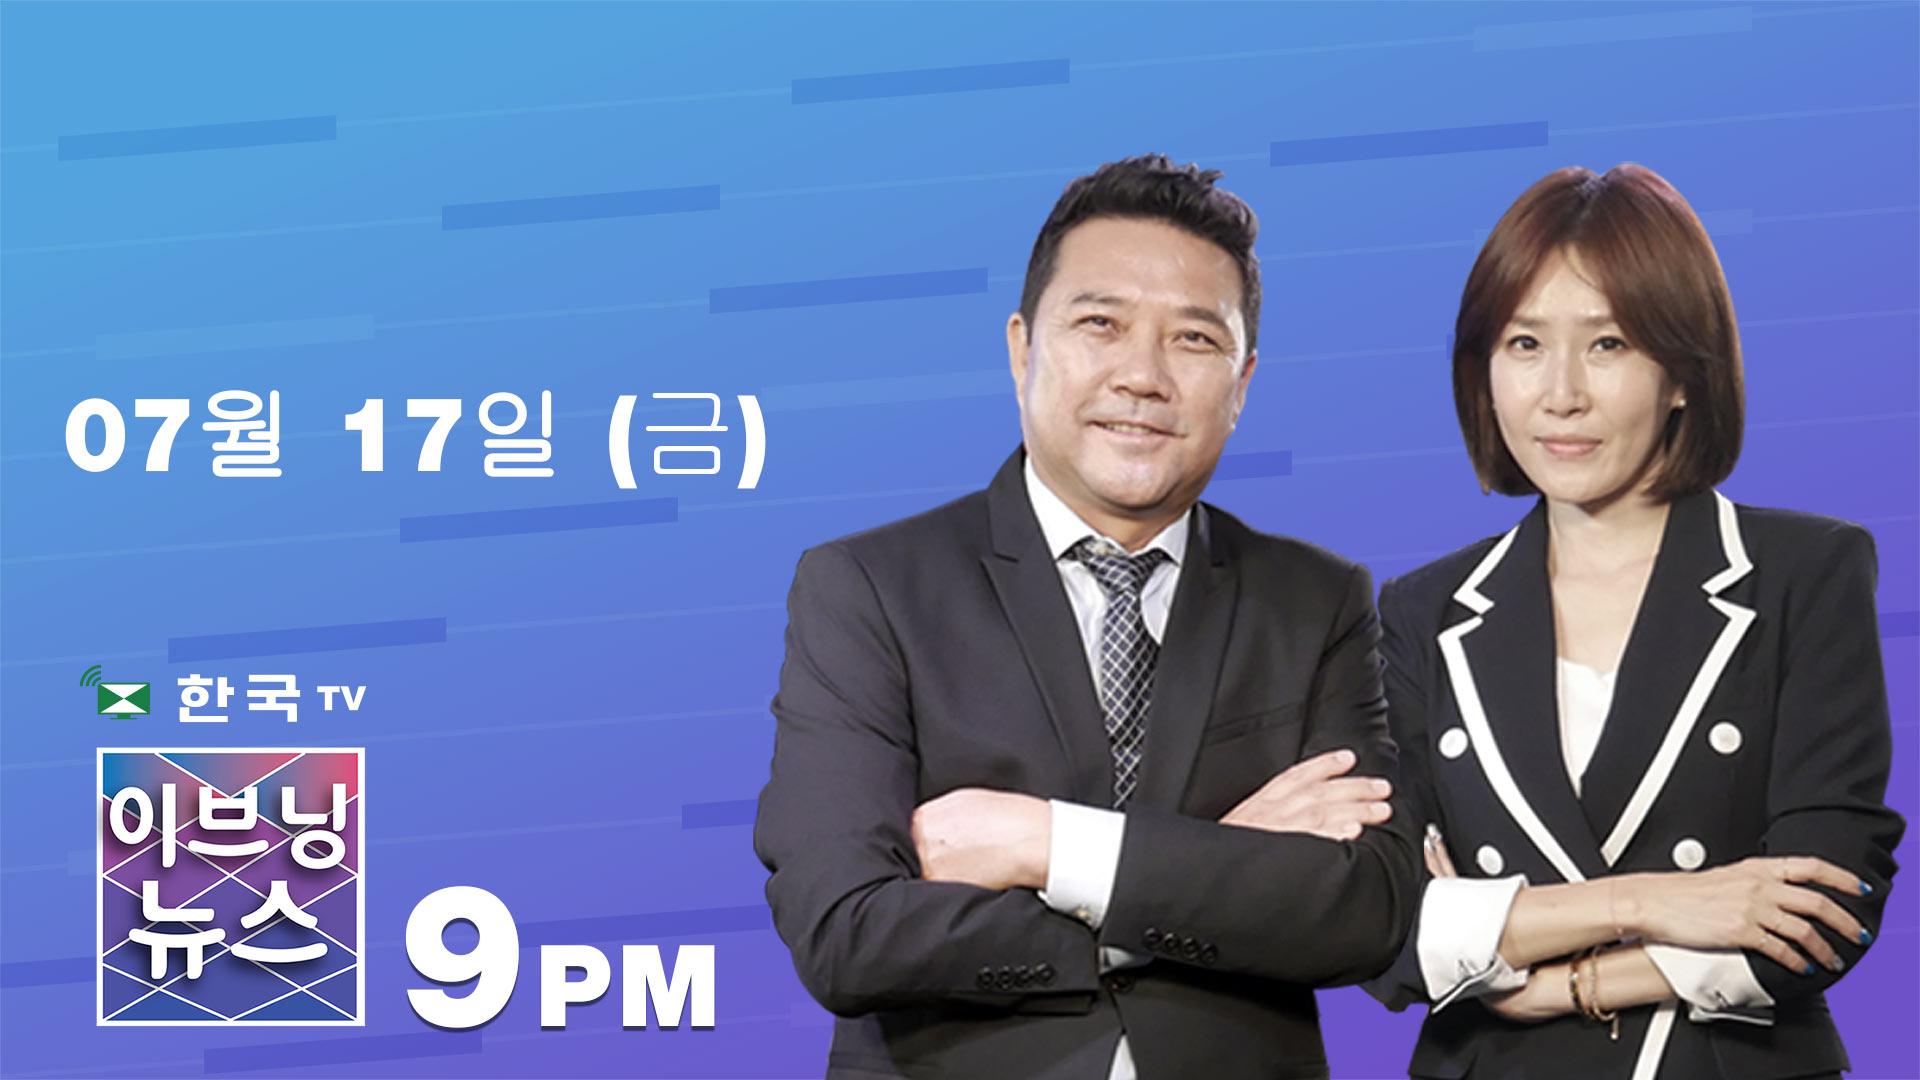 (07.17.2020) 한국TV 이브닝 뉴스